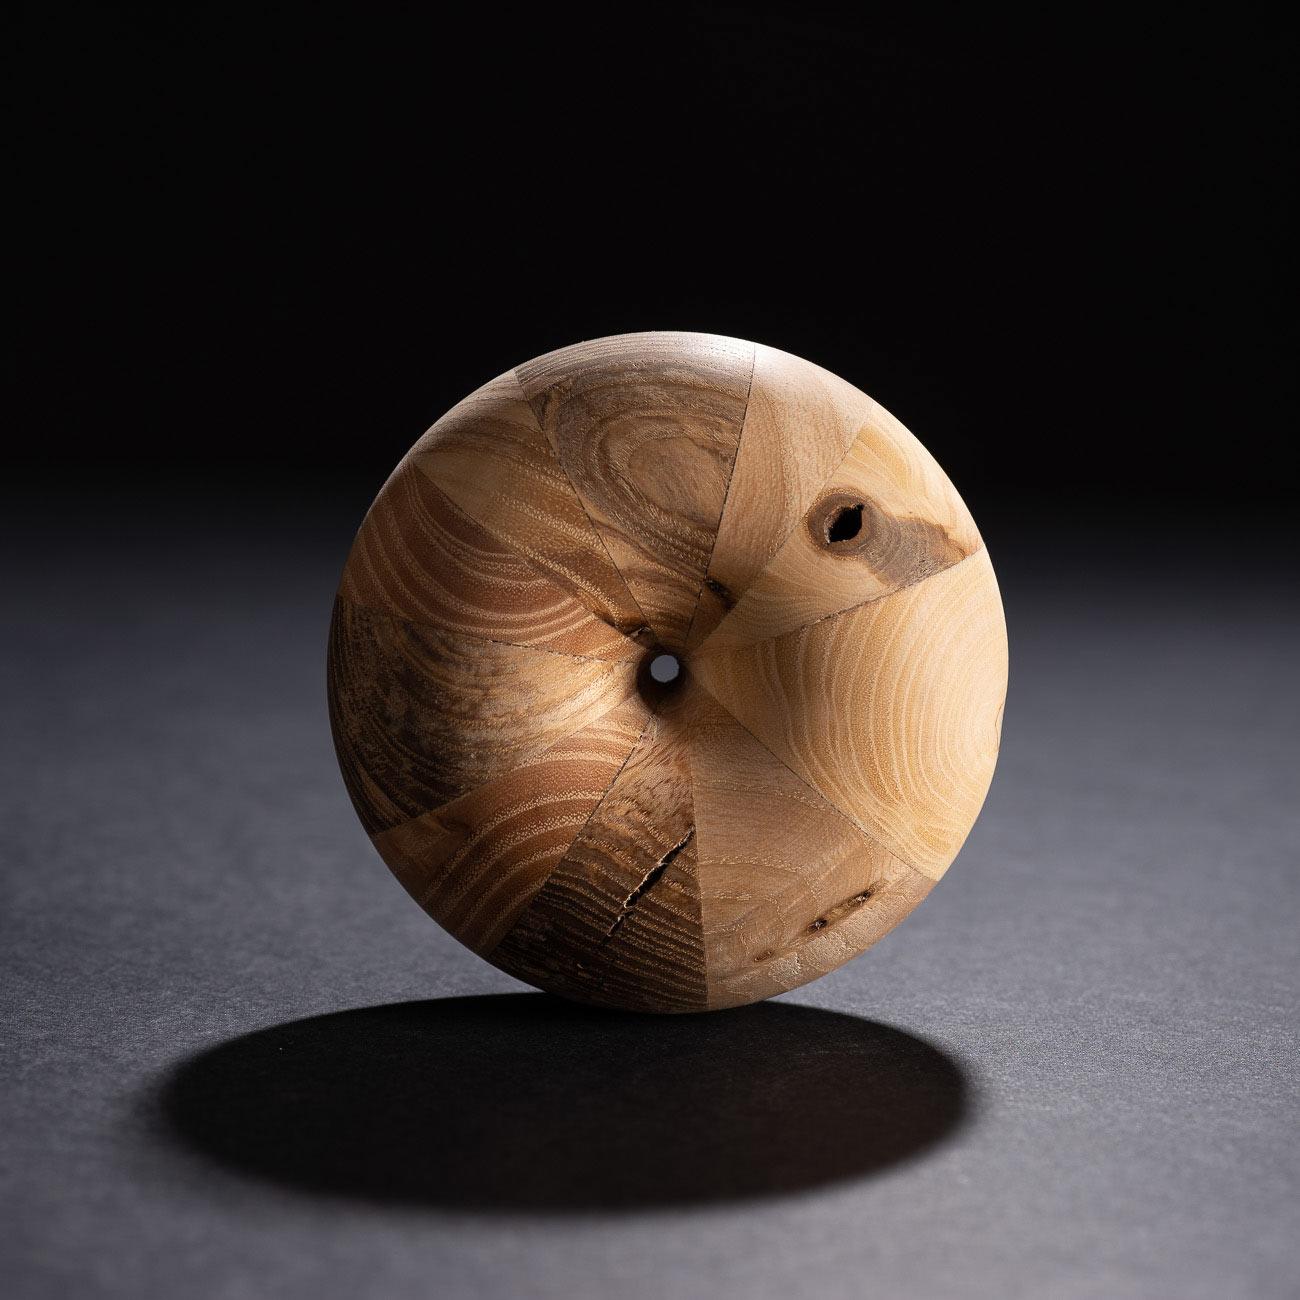 Raum der Stille - Modell eines Objektes im Maßstab 1:10